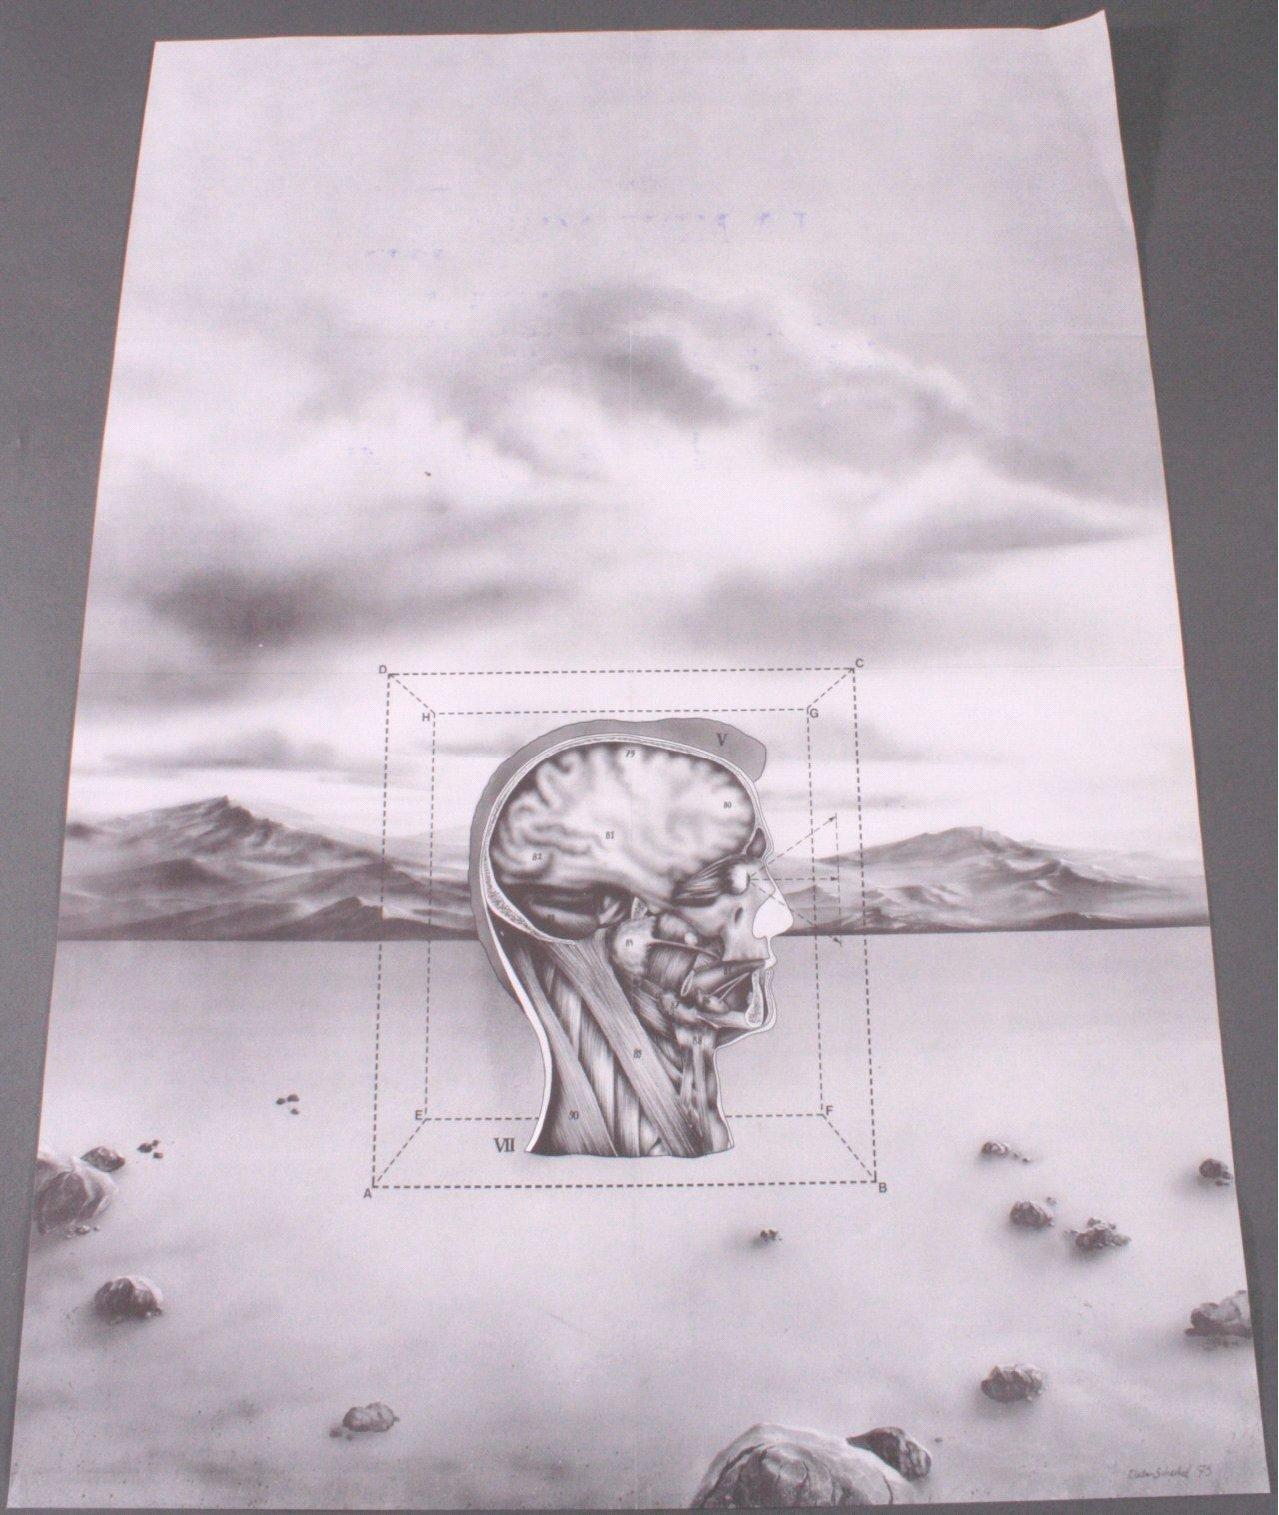 Plakat, Dieter Scheibel